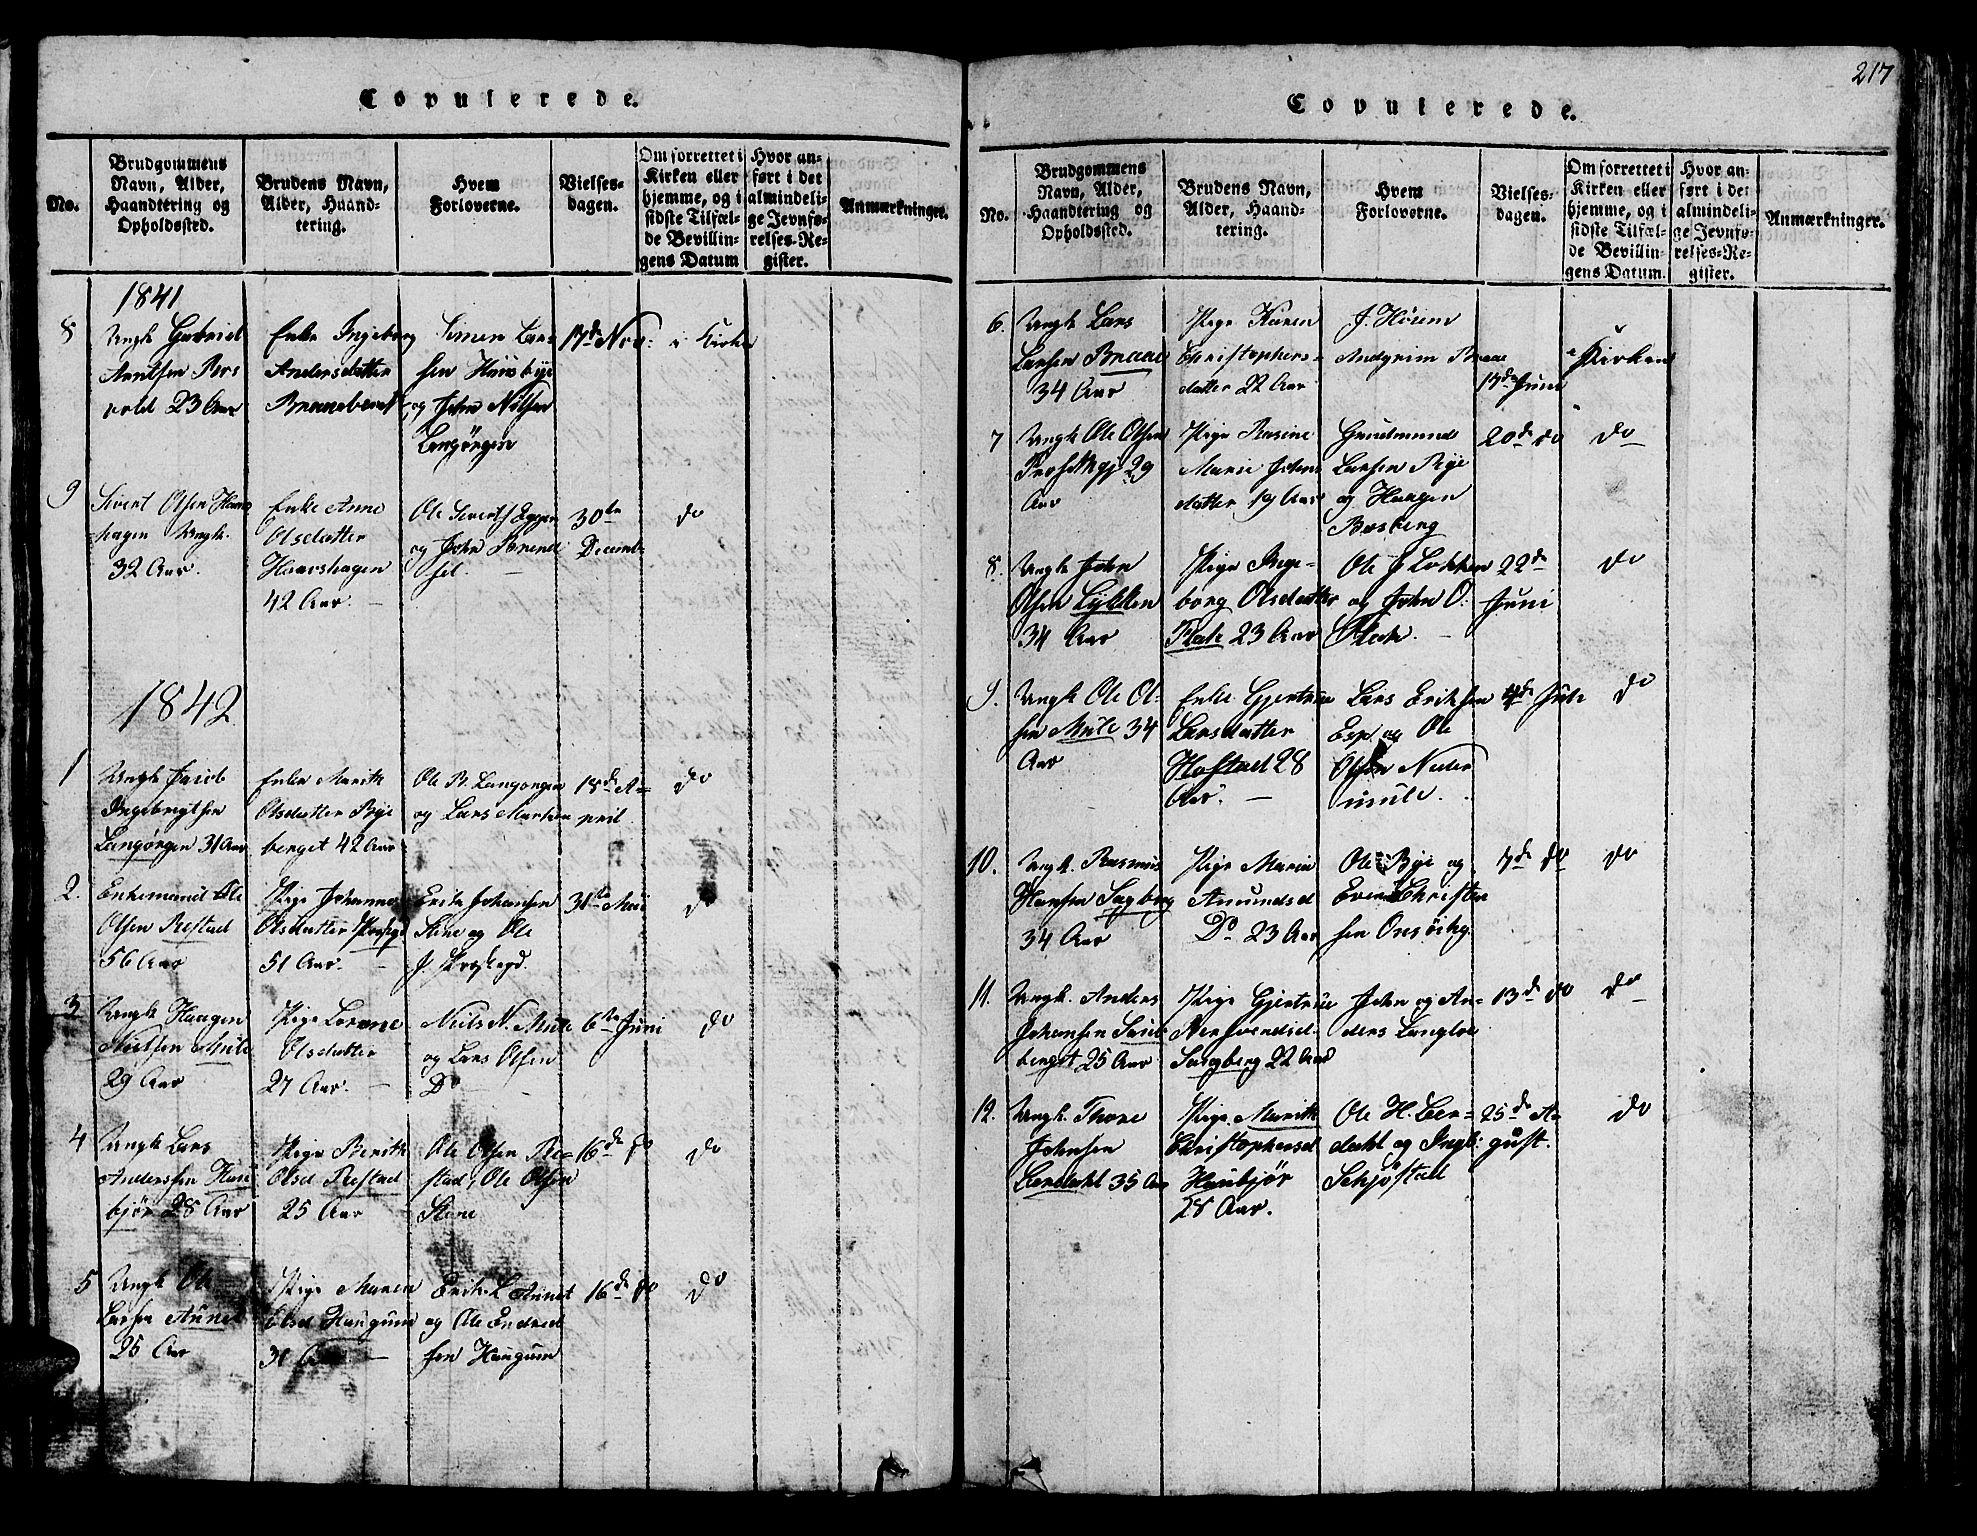 SAT, Ministerialprotokoller, klokkerbøker og fødselsregistre - Sør-Trøndelag, 612/L0385: Klokkerbok nr. 612C01, 1816-1845, s. 217